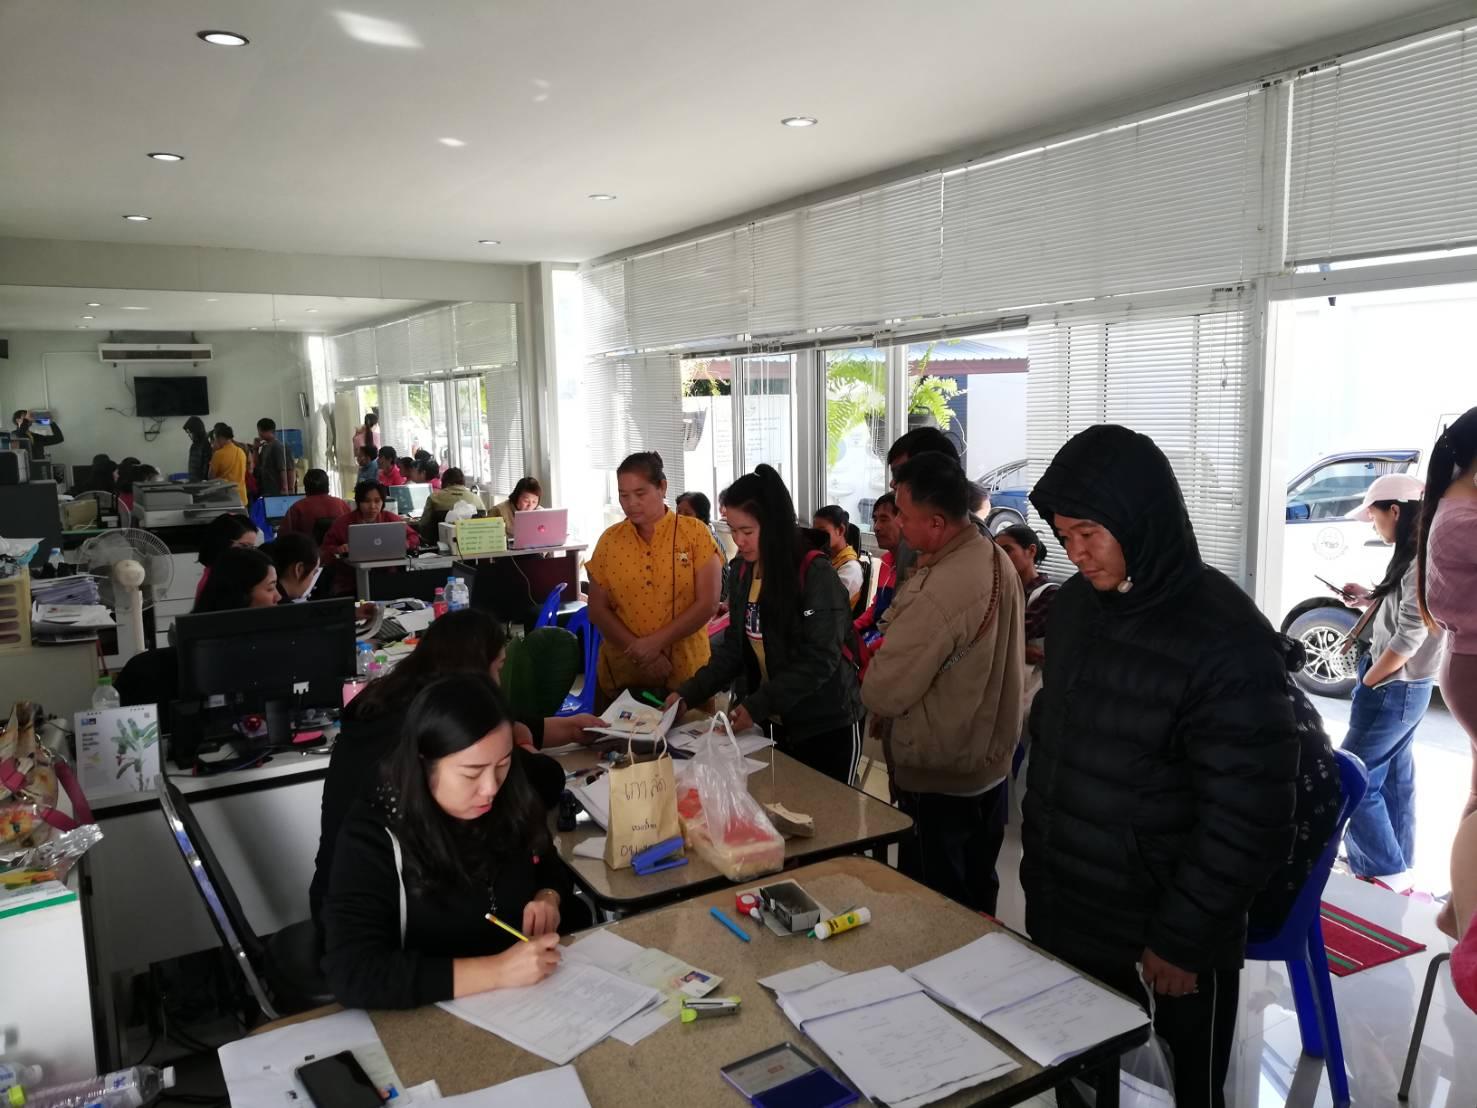 สำนักงานจัดหางานแม่ฮ่องสอนออกหน่วยให้บริการเคลื่อนที่เพื่อบริการอำนวยความสะดวกแก่นายจ้างลูกจ้าง